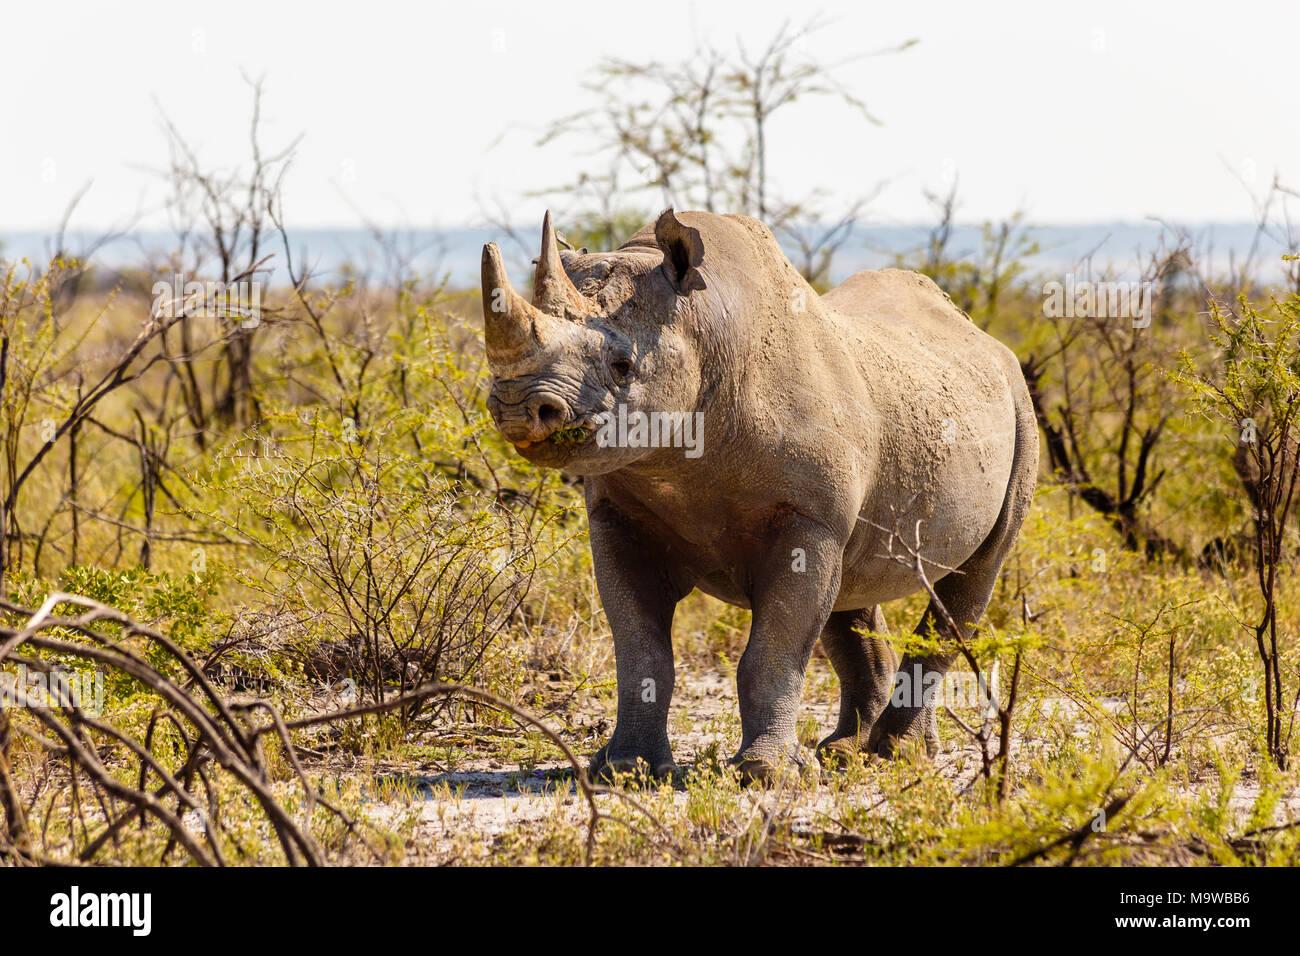 white rhinoceros, Ceratotherium simum, Etosha Nationalpark, Namibia Stock Photo